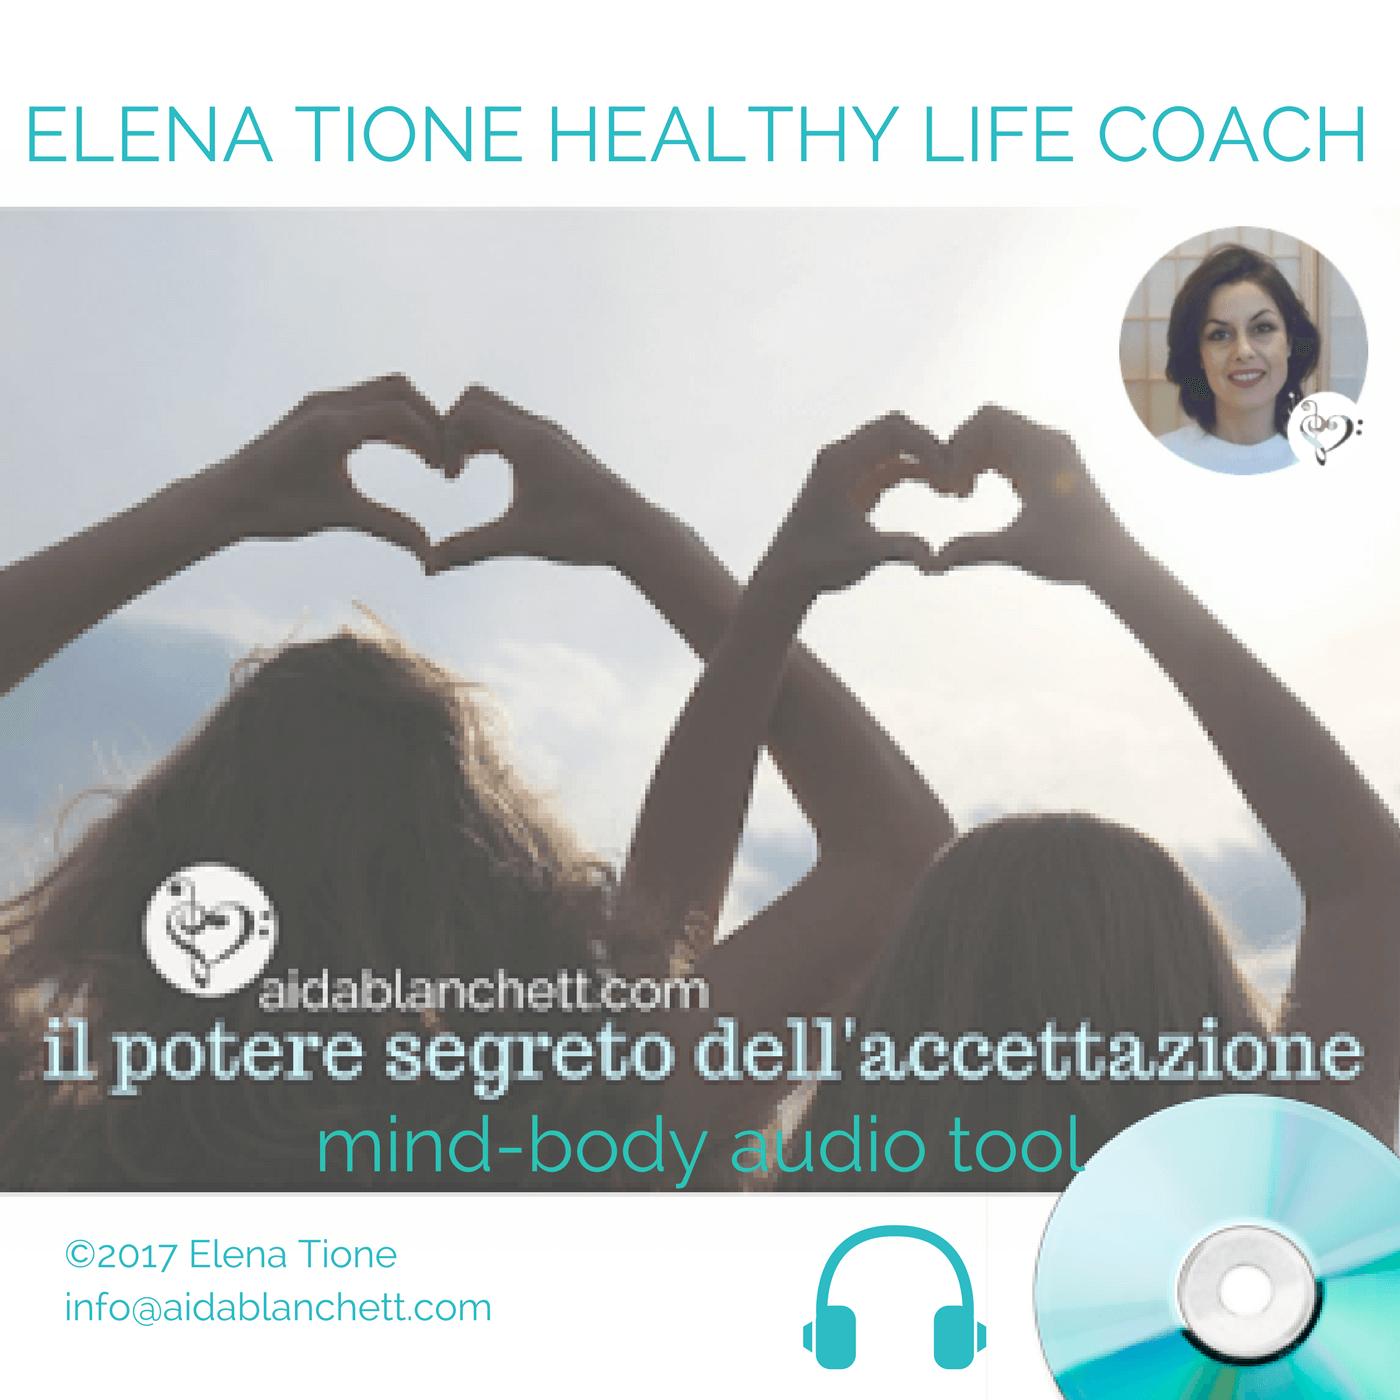 IL POTERE SEGRETO DELL'ACCETTAZIONE | audio mind-body tool mp3